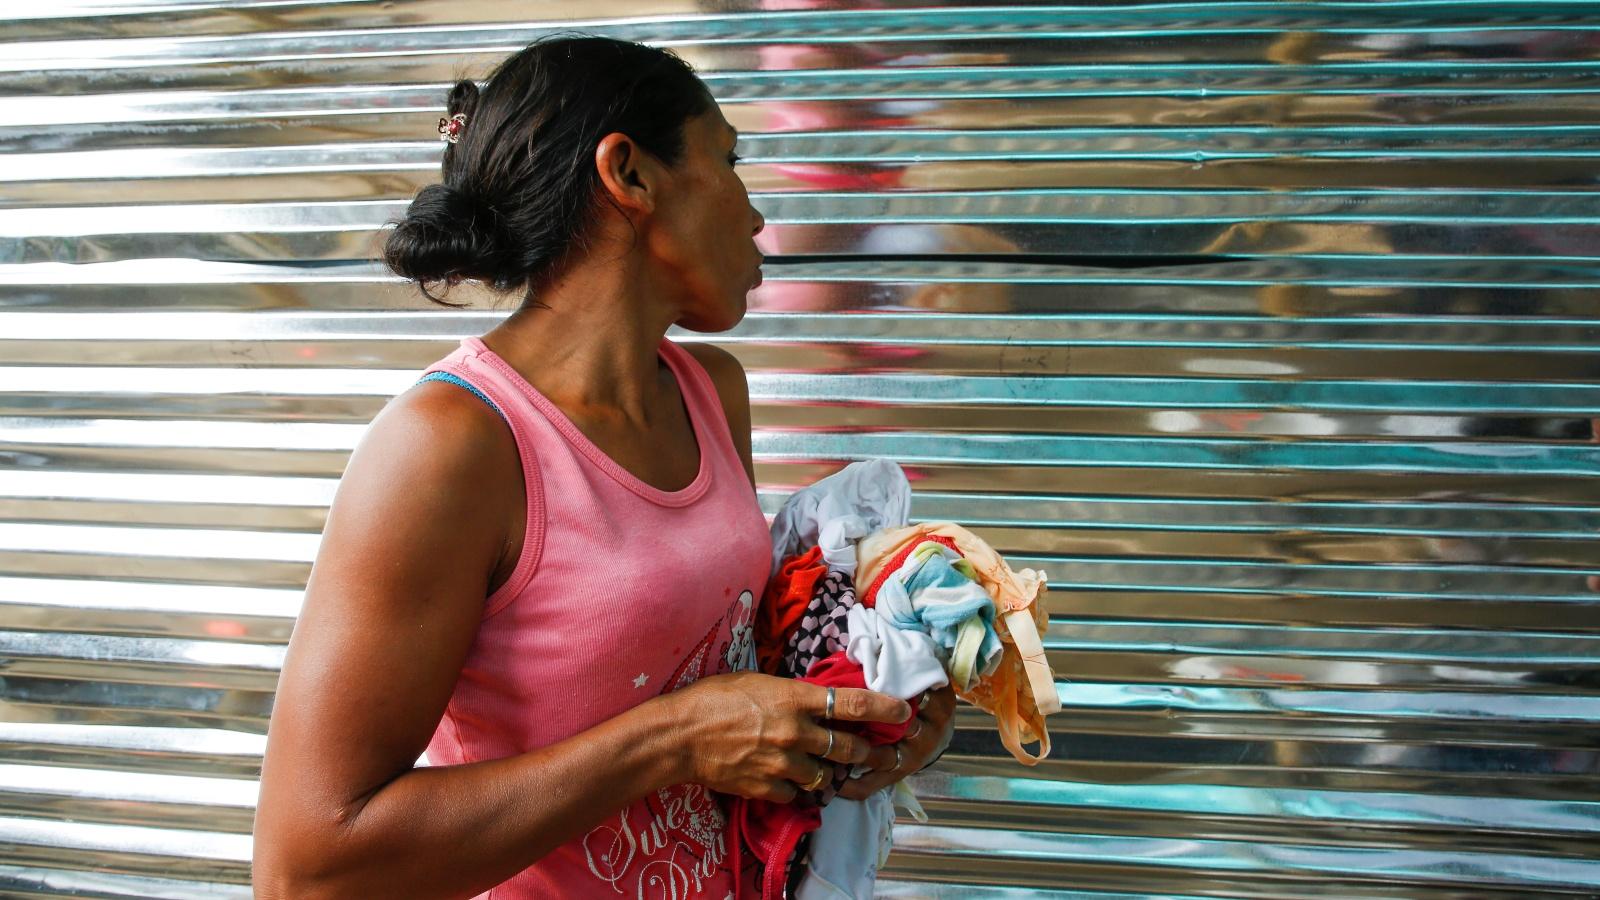 El drama que enfrentan las mujeres migrantes para acceder al aborto en Colombia